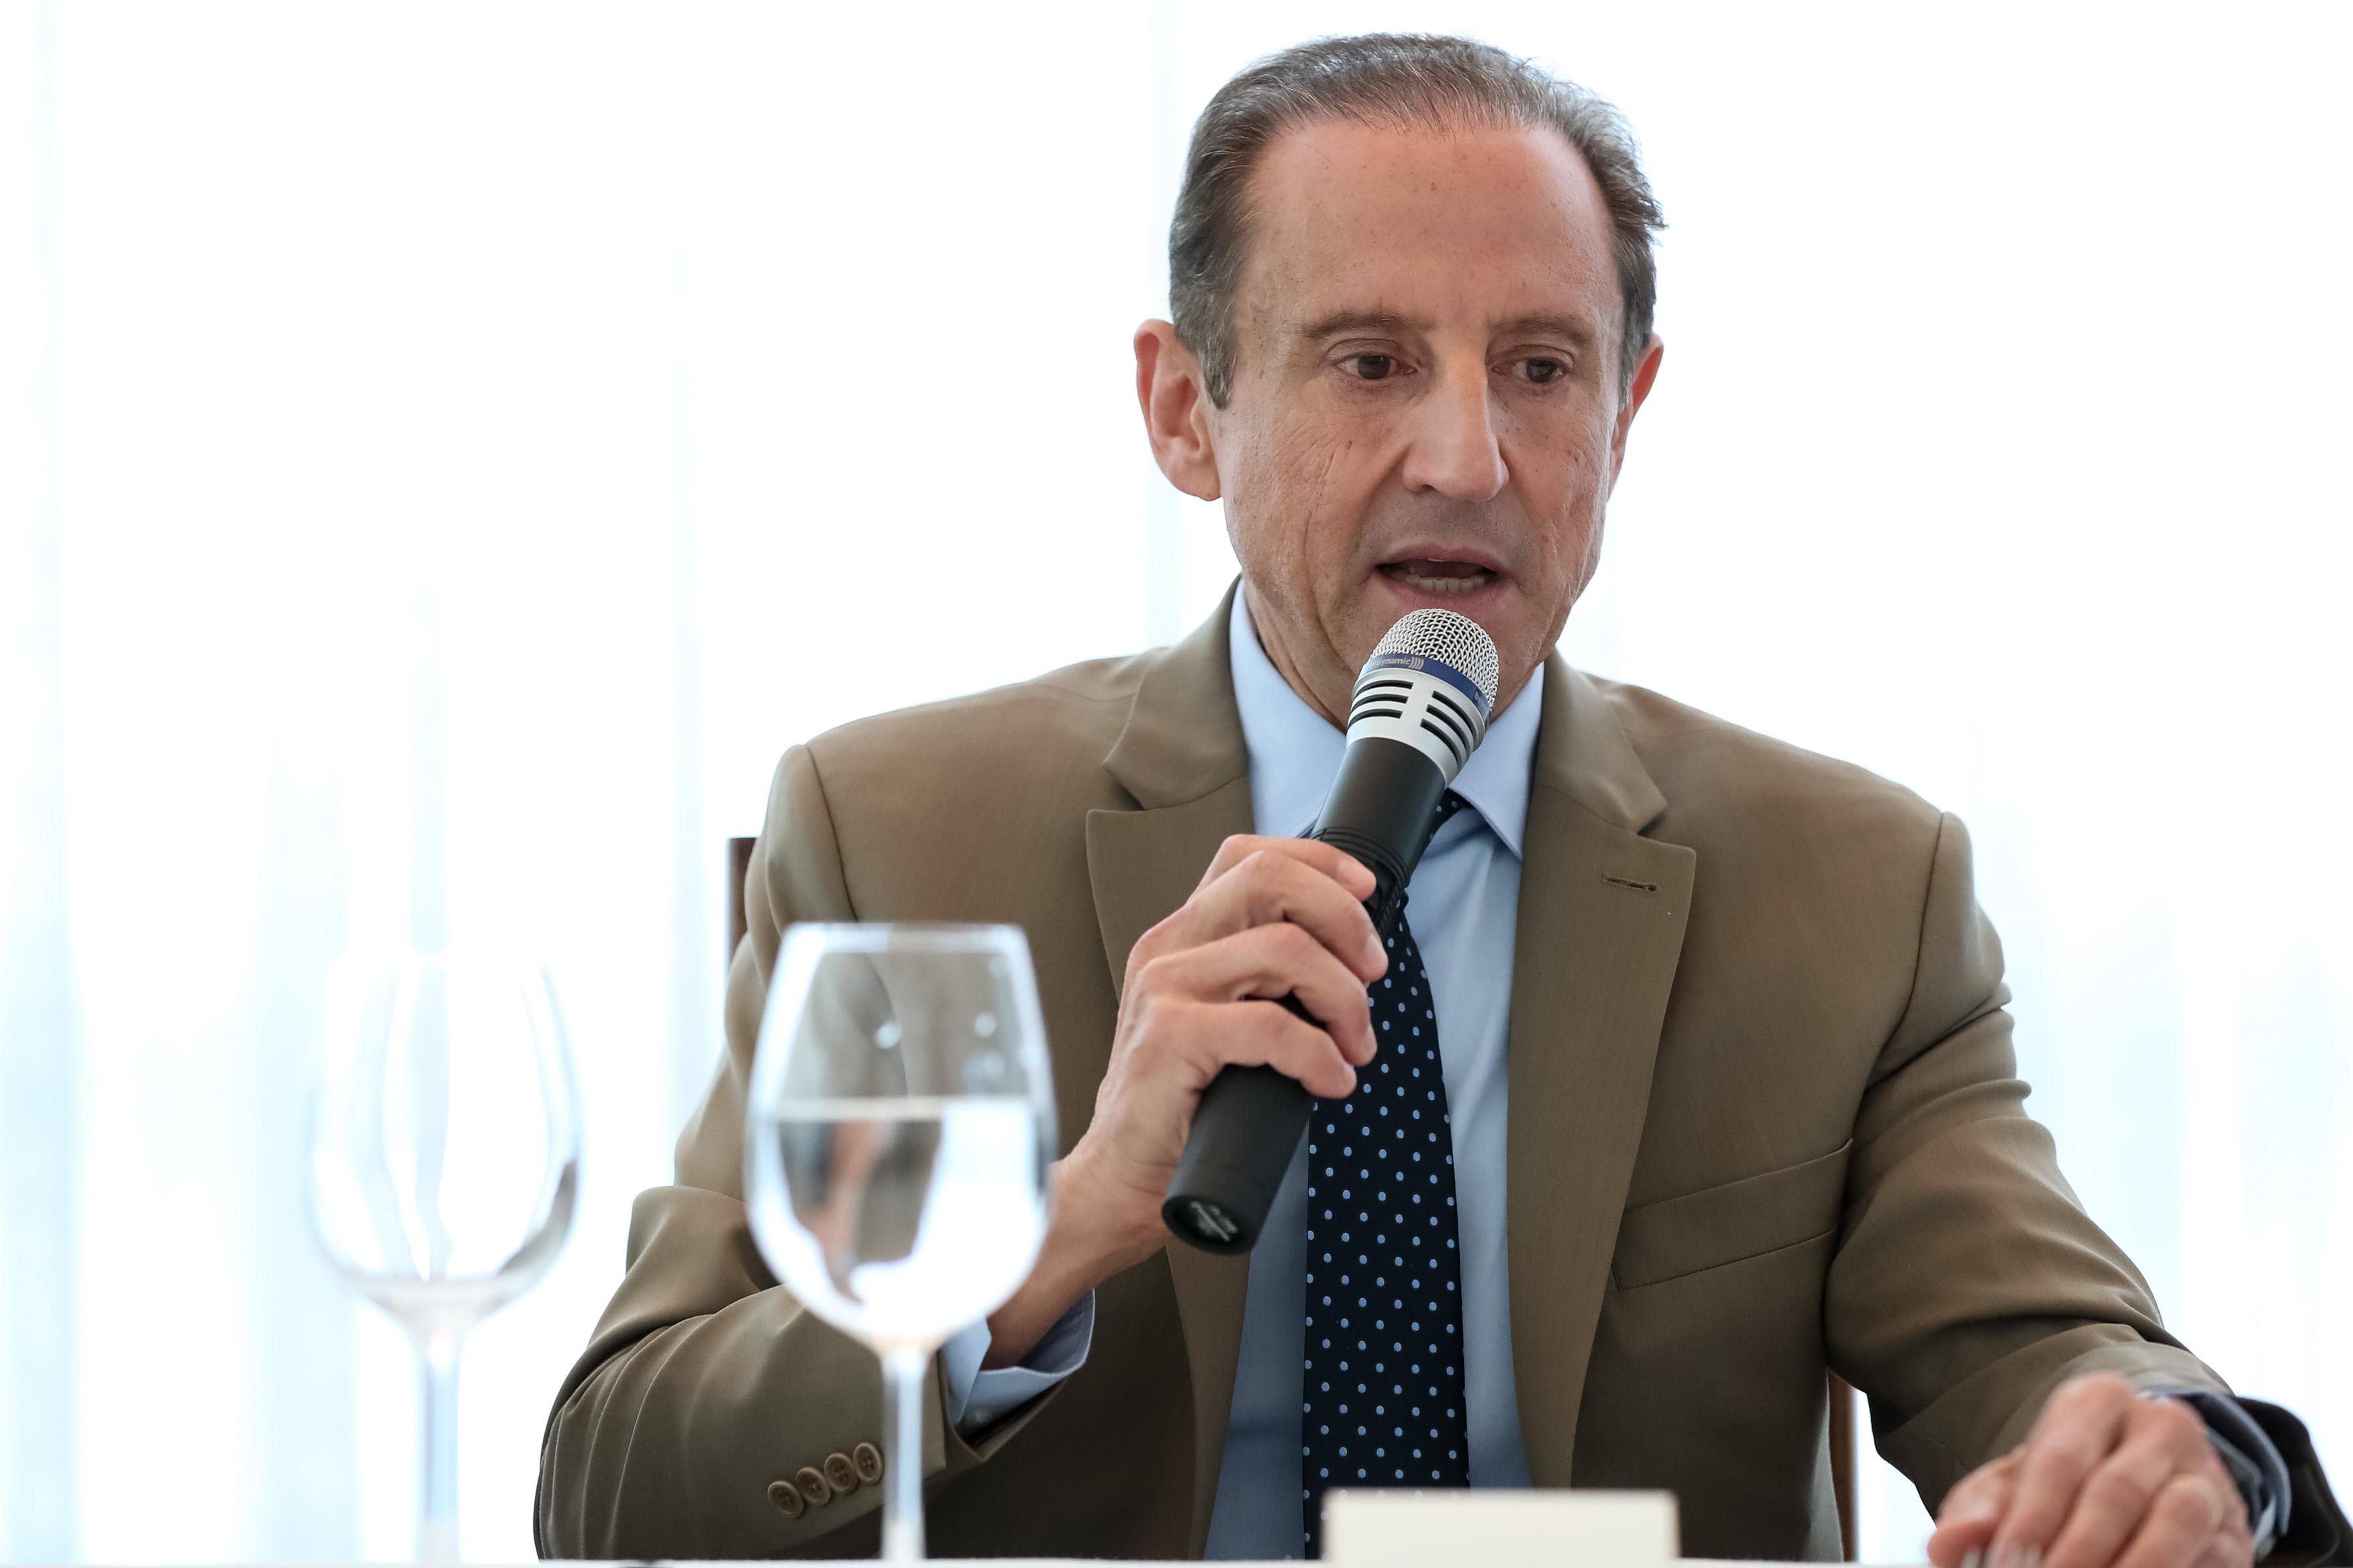 IMAGEM: Covid-19: exame de Paulo Skaf, que esteve com Bolsonaro, dá negativo